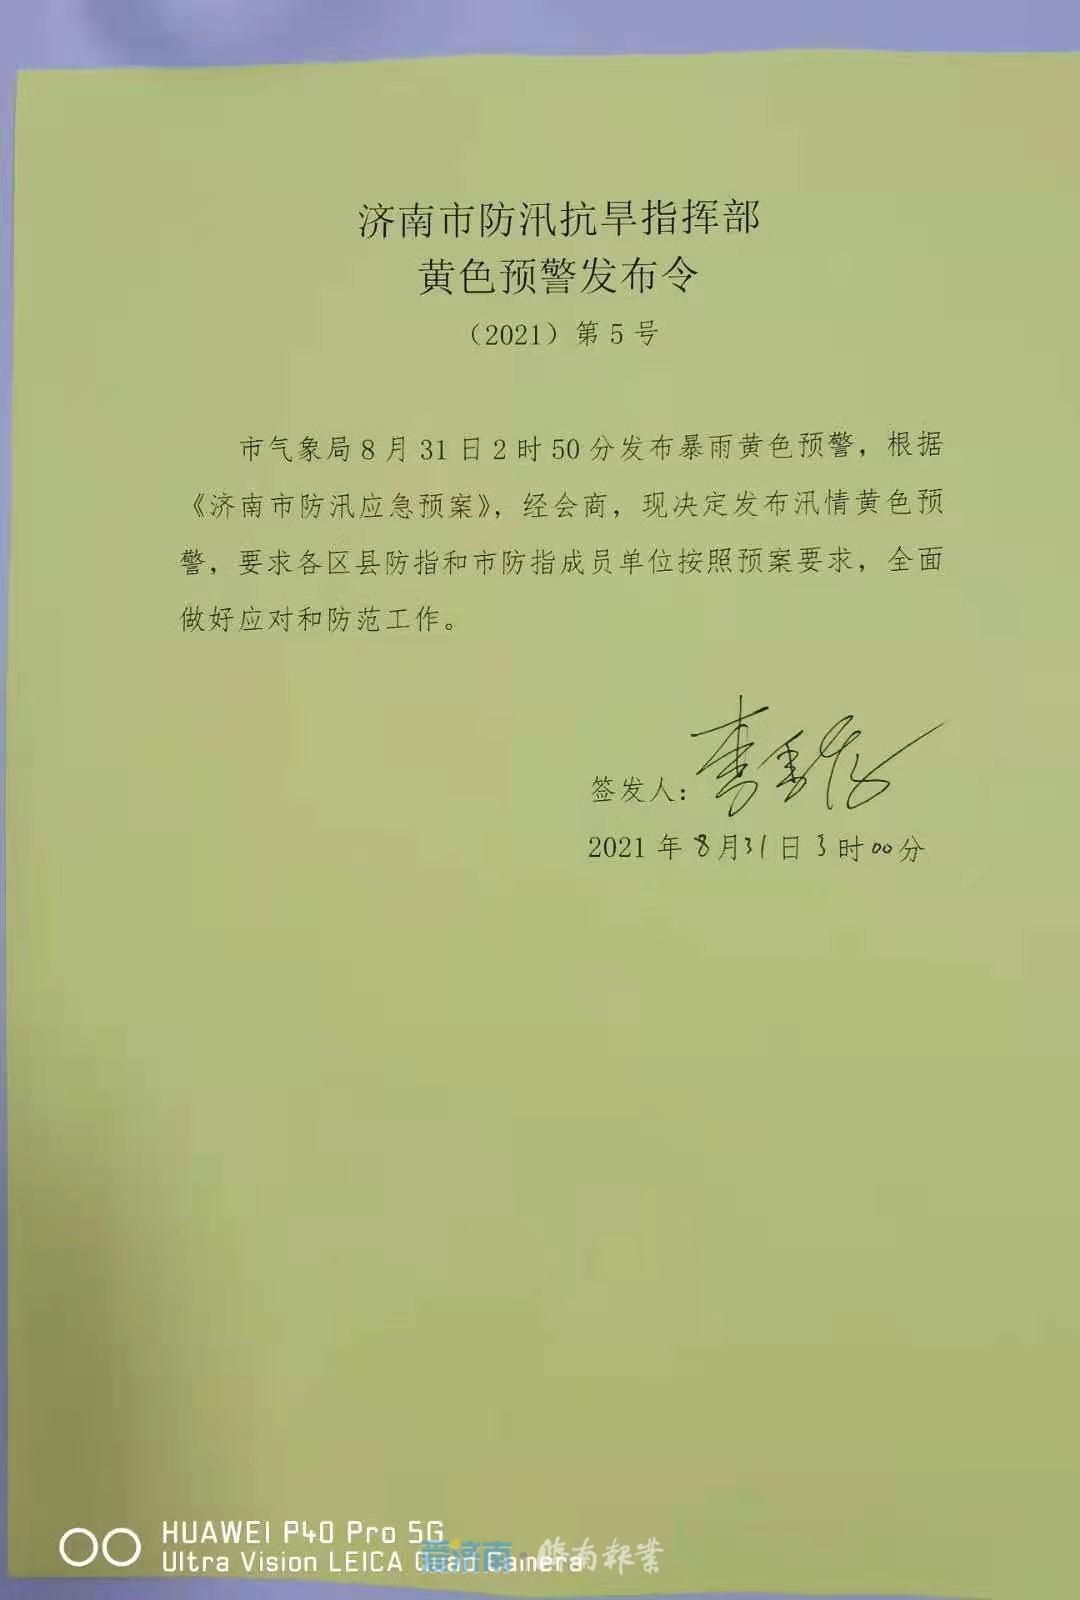 济南市防指发布暴雨黄色预警和防汛Ⅲ级应急响应